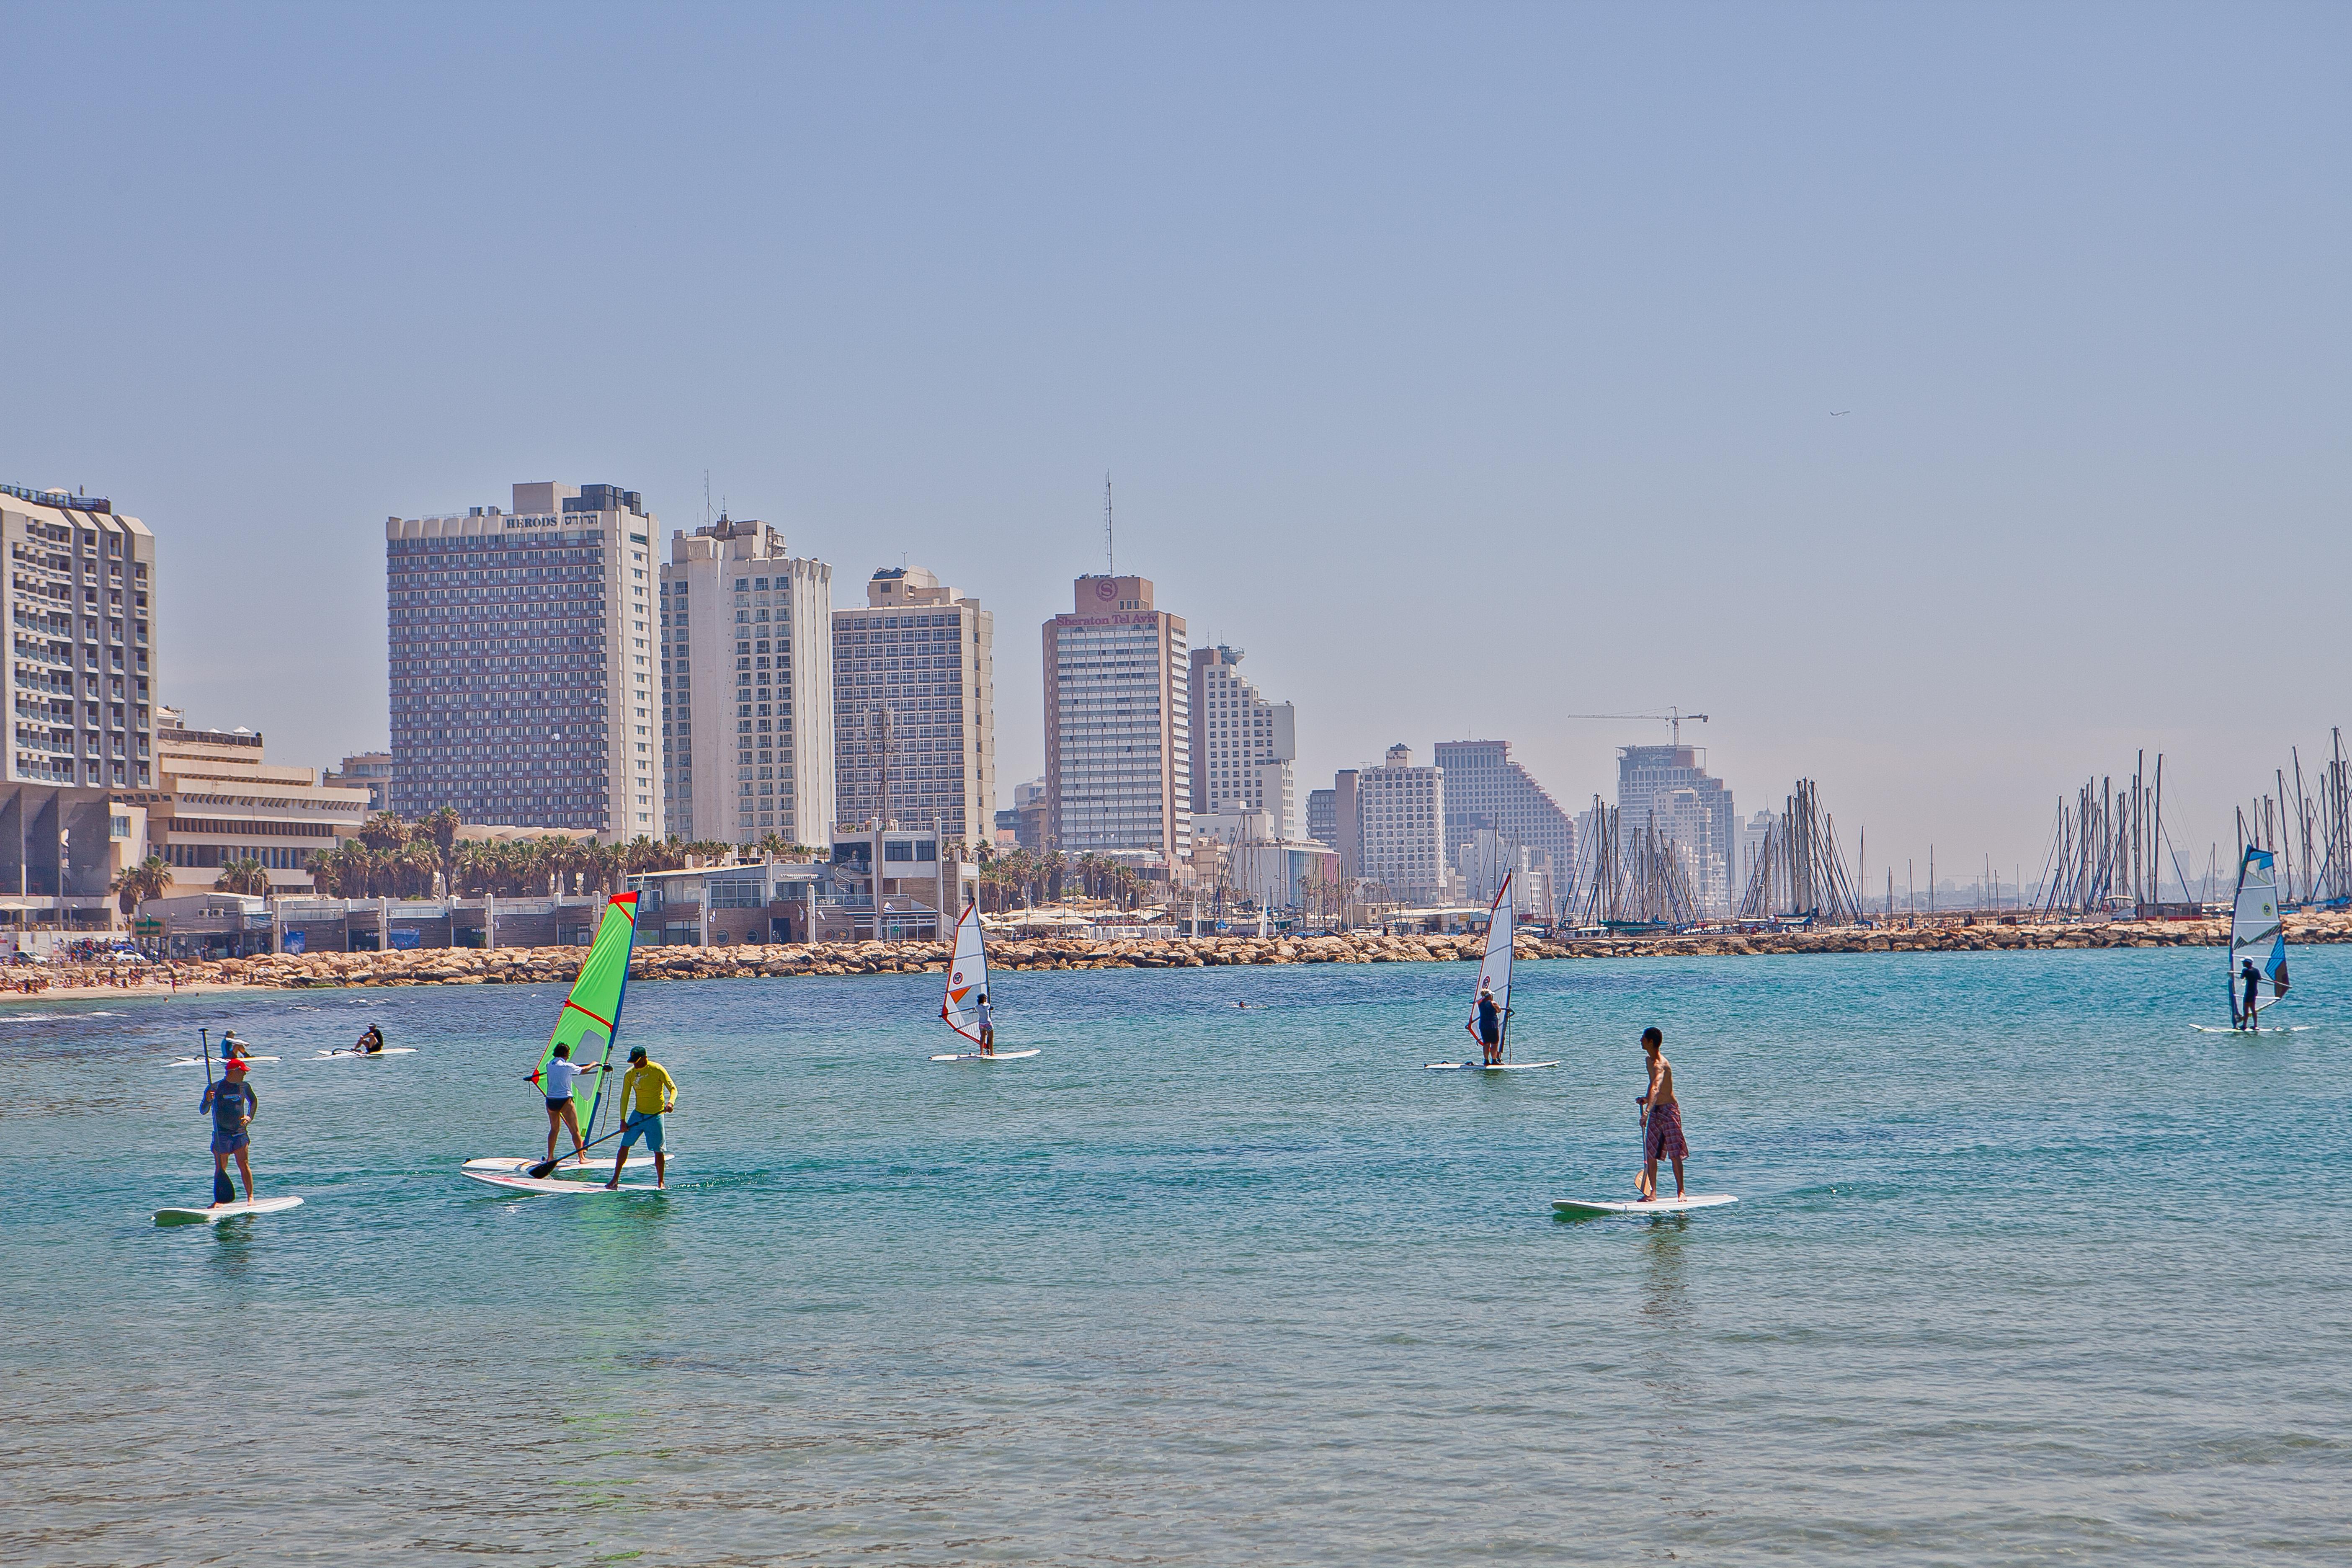 Israel fortsætter med at tiltrække flere turister, der for eksempel kombinerer badeferier med besøg i landets mange historiske områder. Pressefoto: Israel Government Tourist Office.